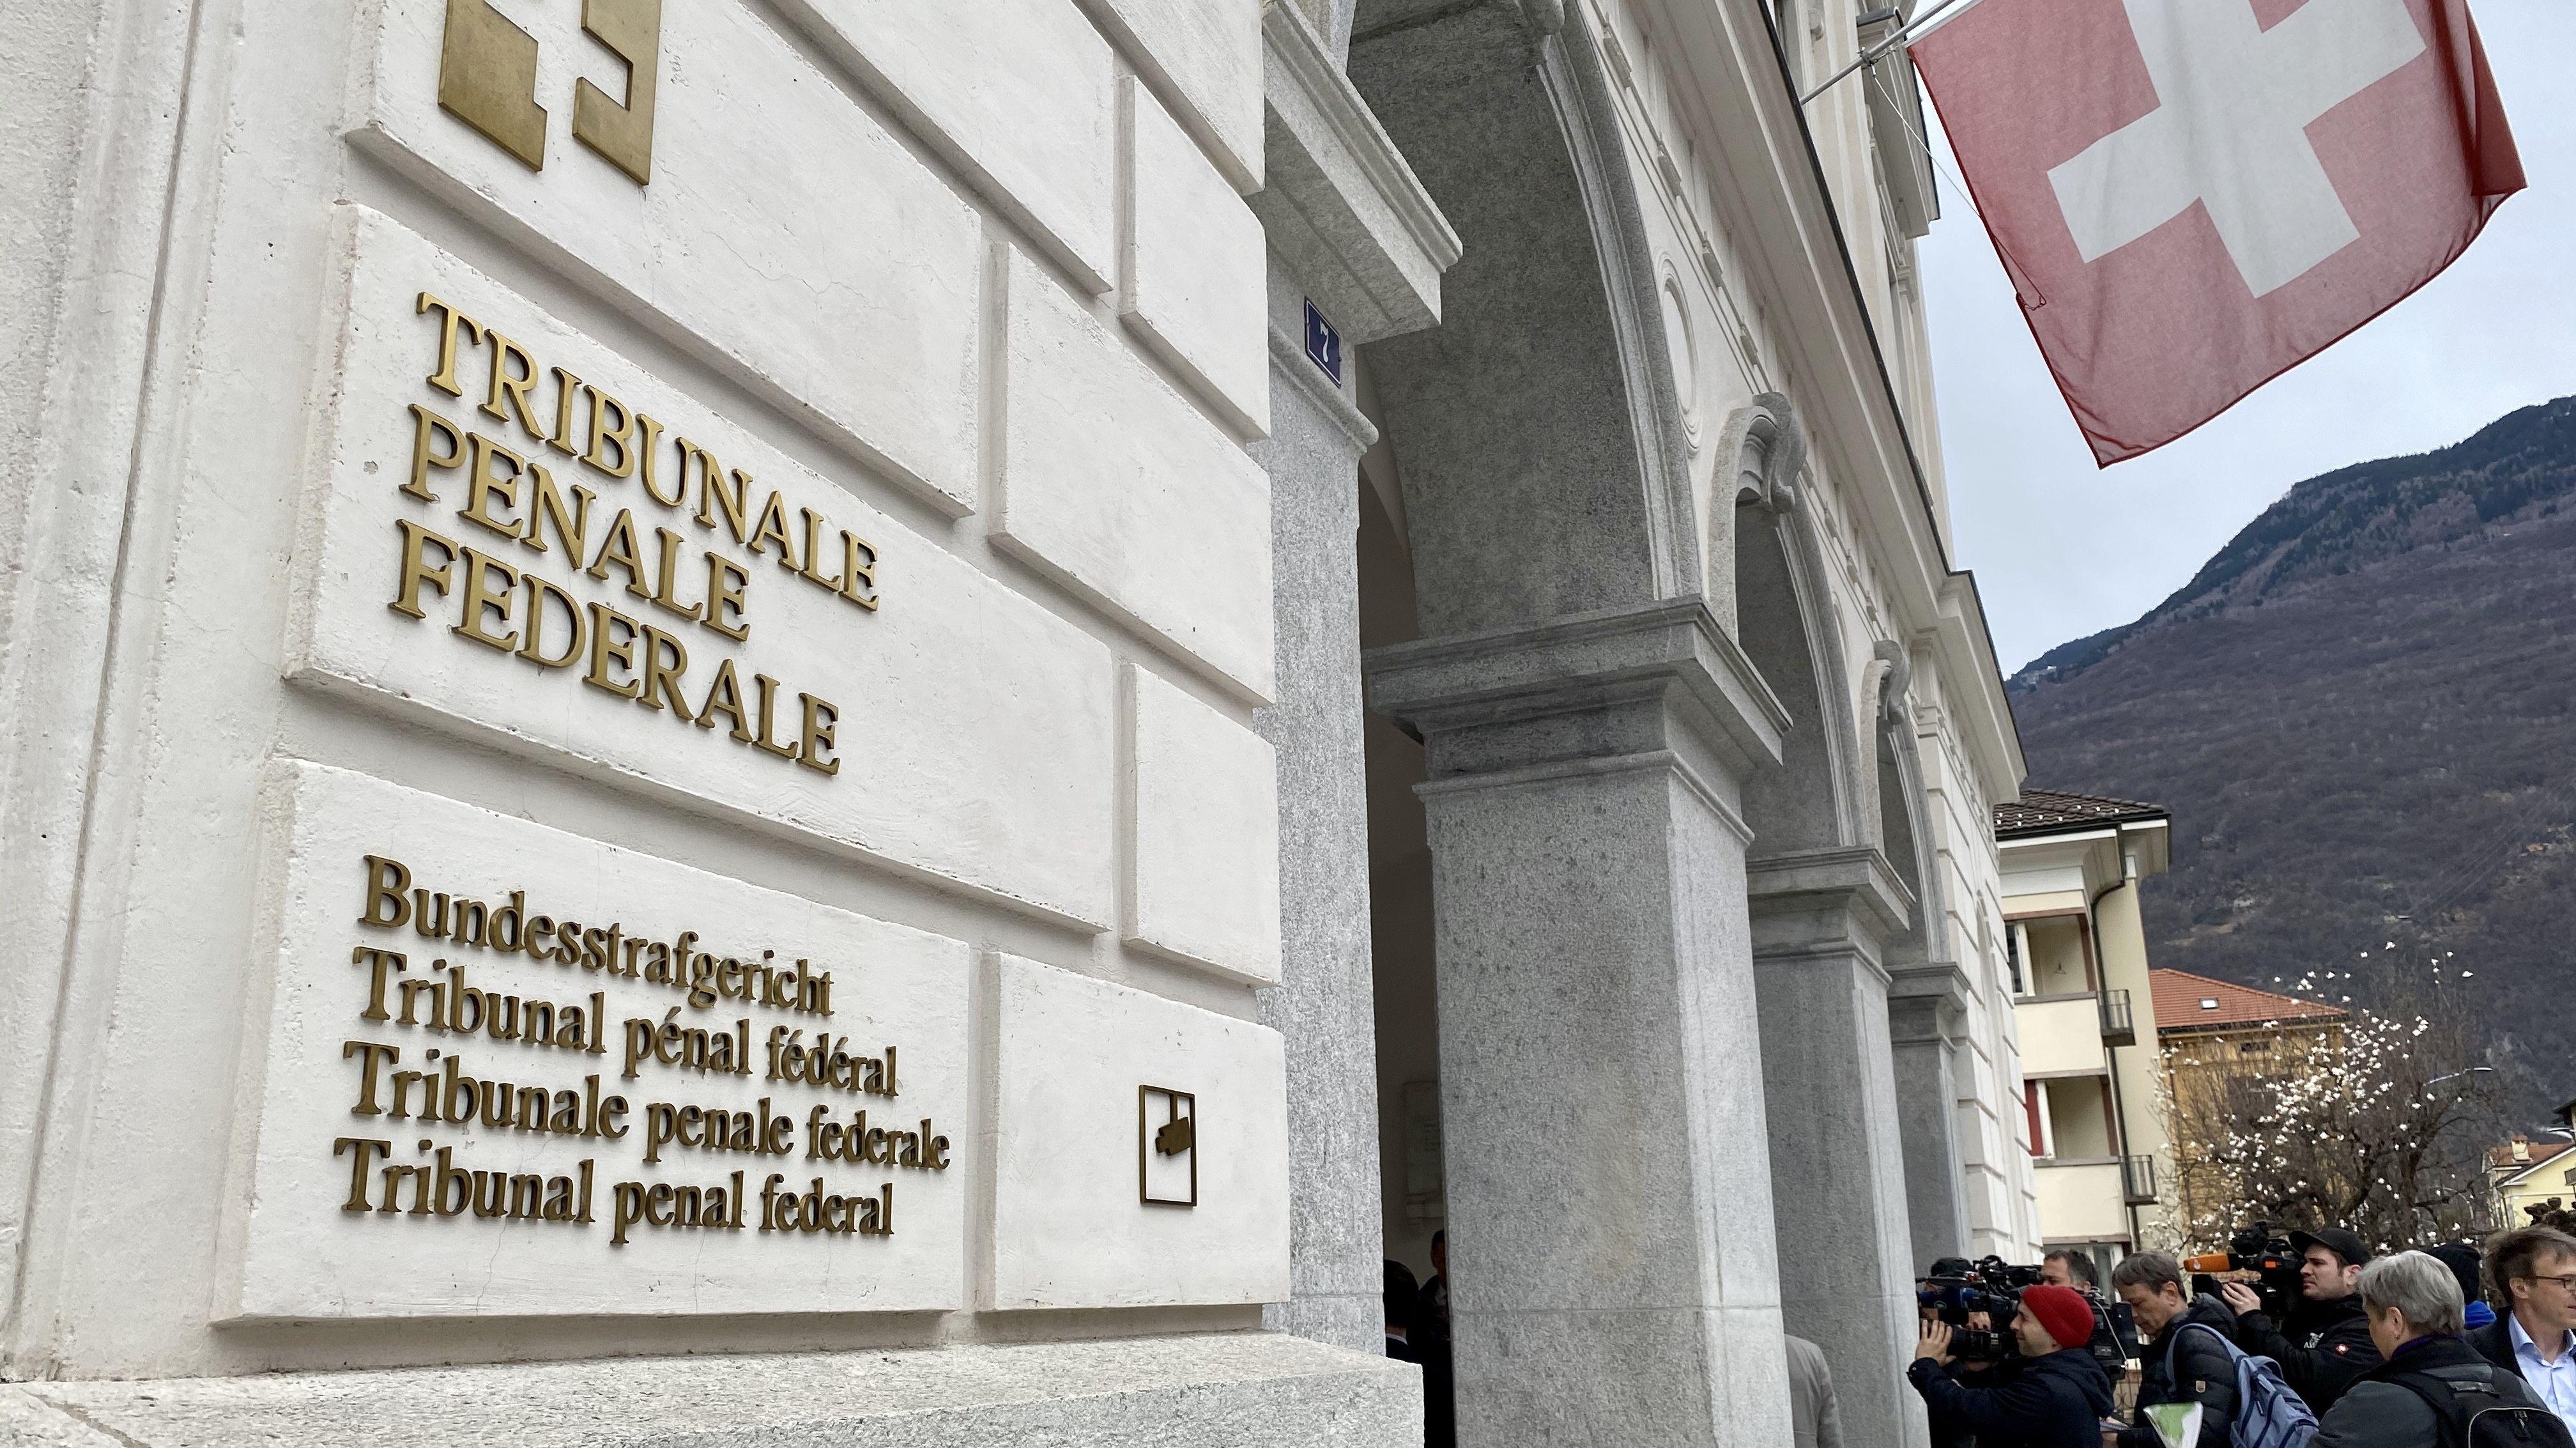 Das Schweizer Bundesstrafgericht in Bellinzona.